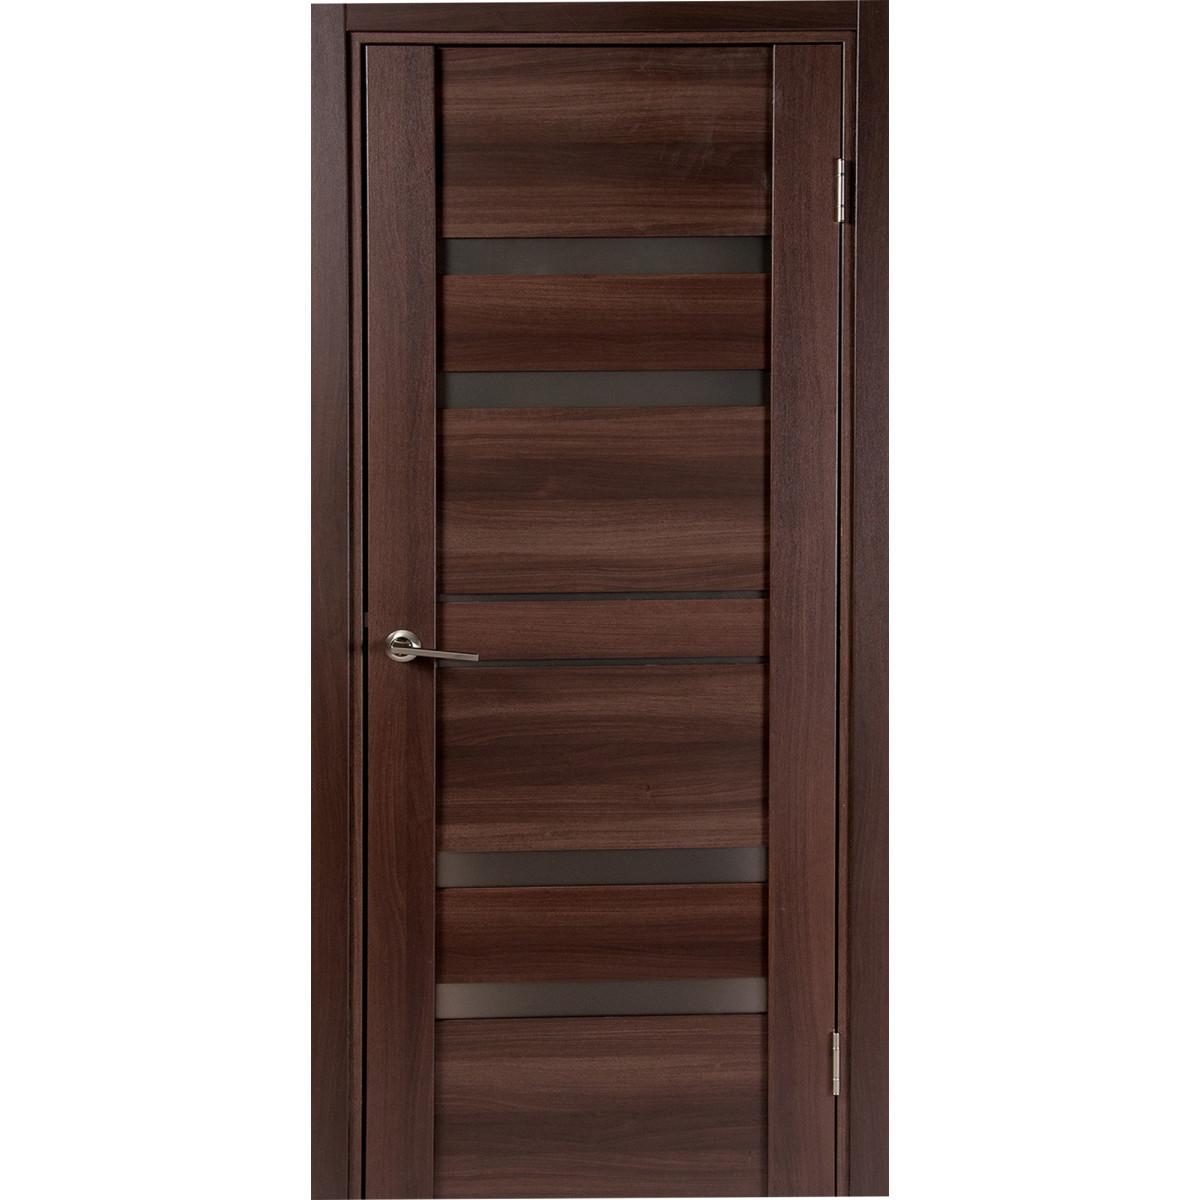 Дверь Межкомнатная Глухая Artens Велдон 60x200 Цвет Мокко/Бронза